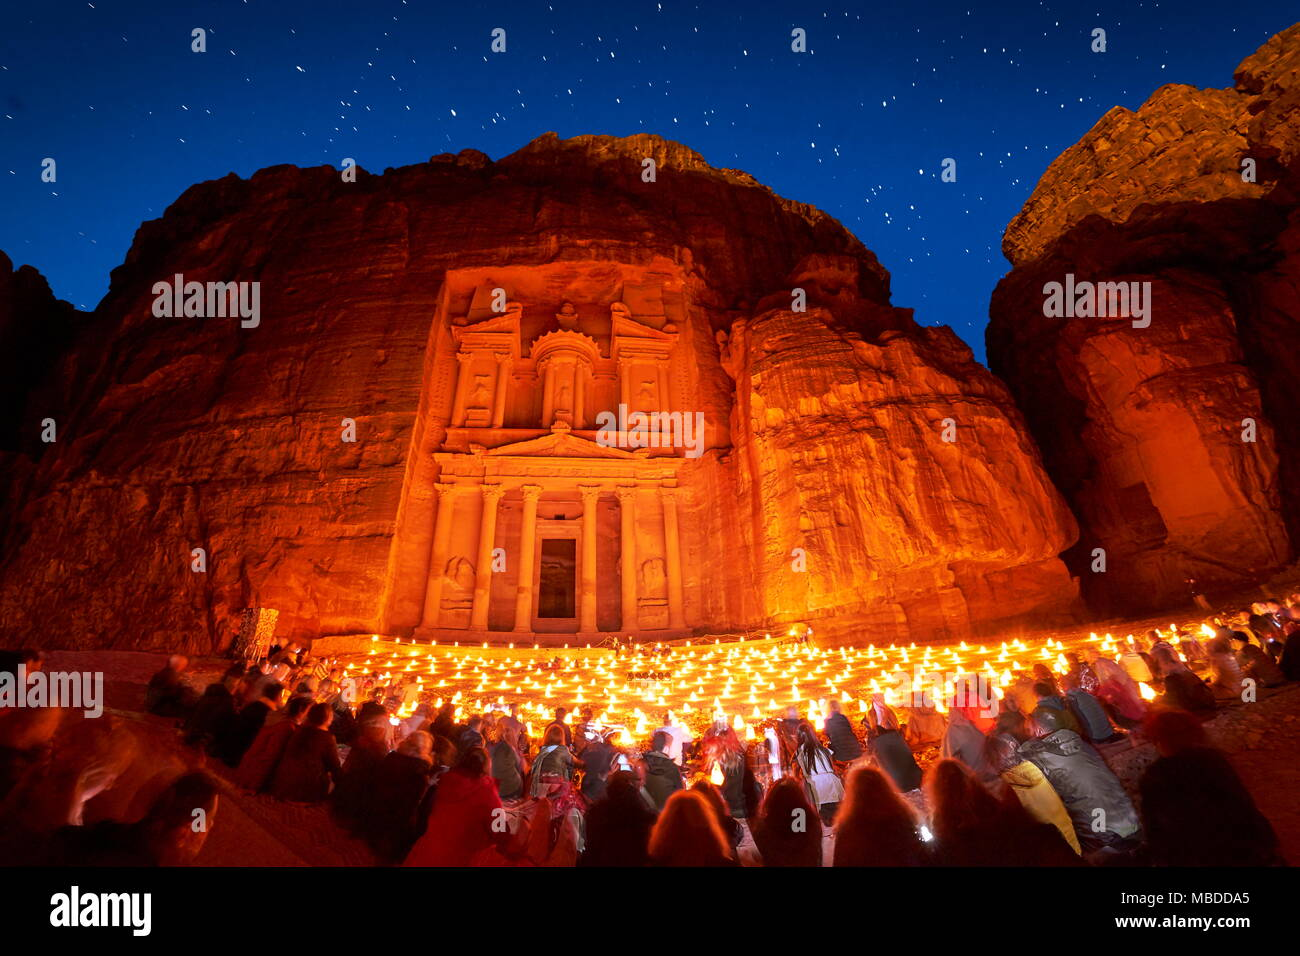 Petra bei Nacht, die Schatzkammer Al Khazneh, Petra, Jordanien Stockbild